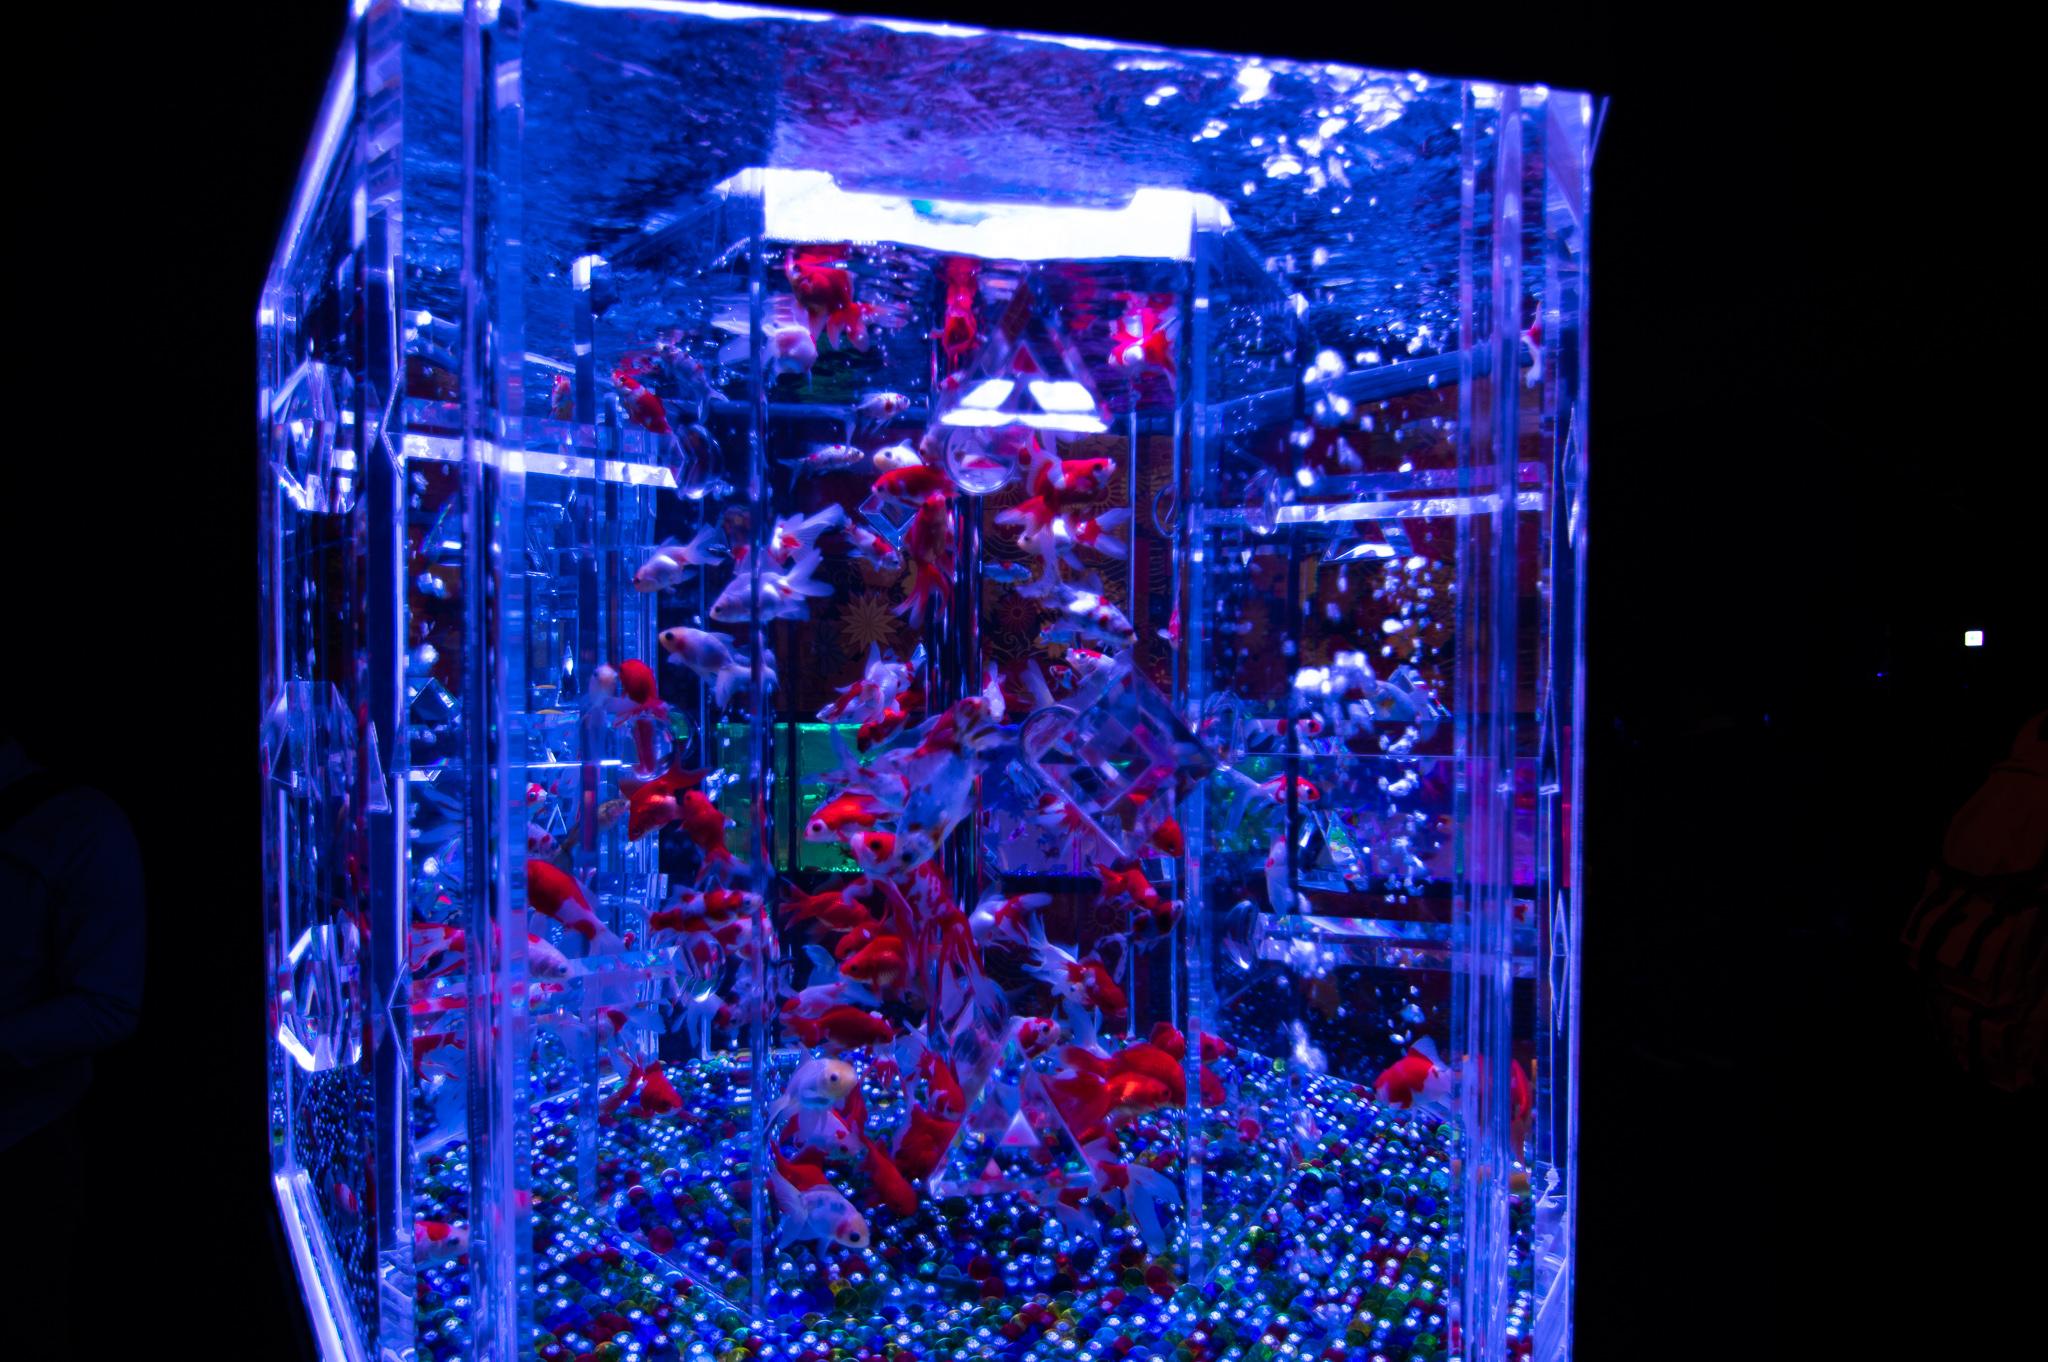 アートアクアリウム幻想的な水槽